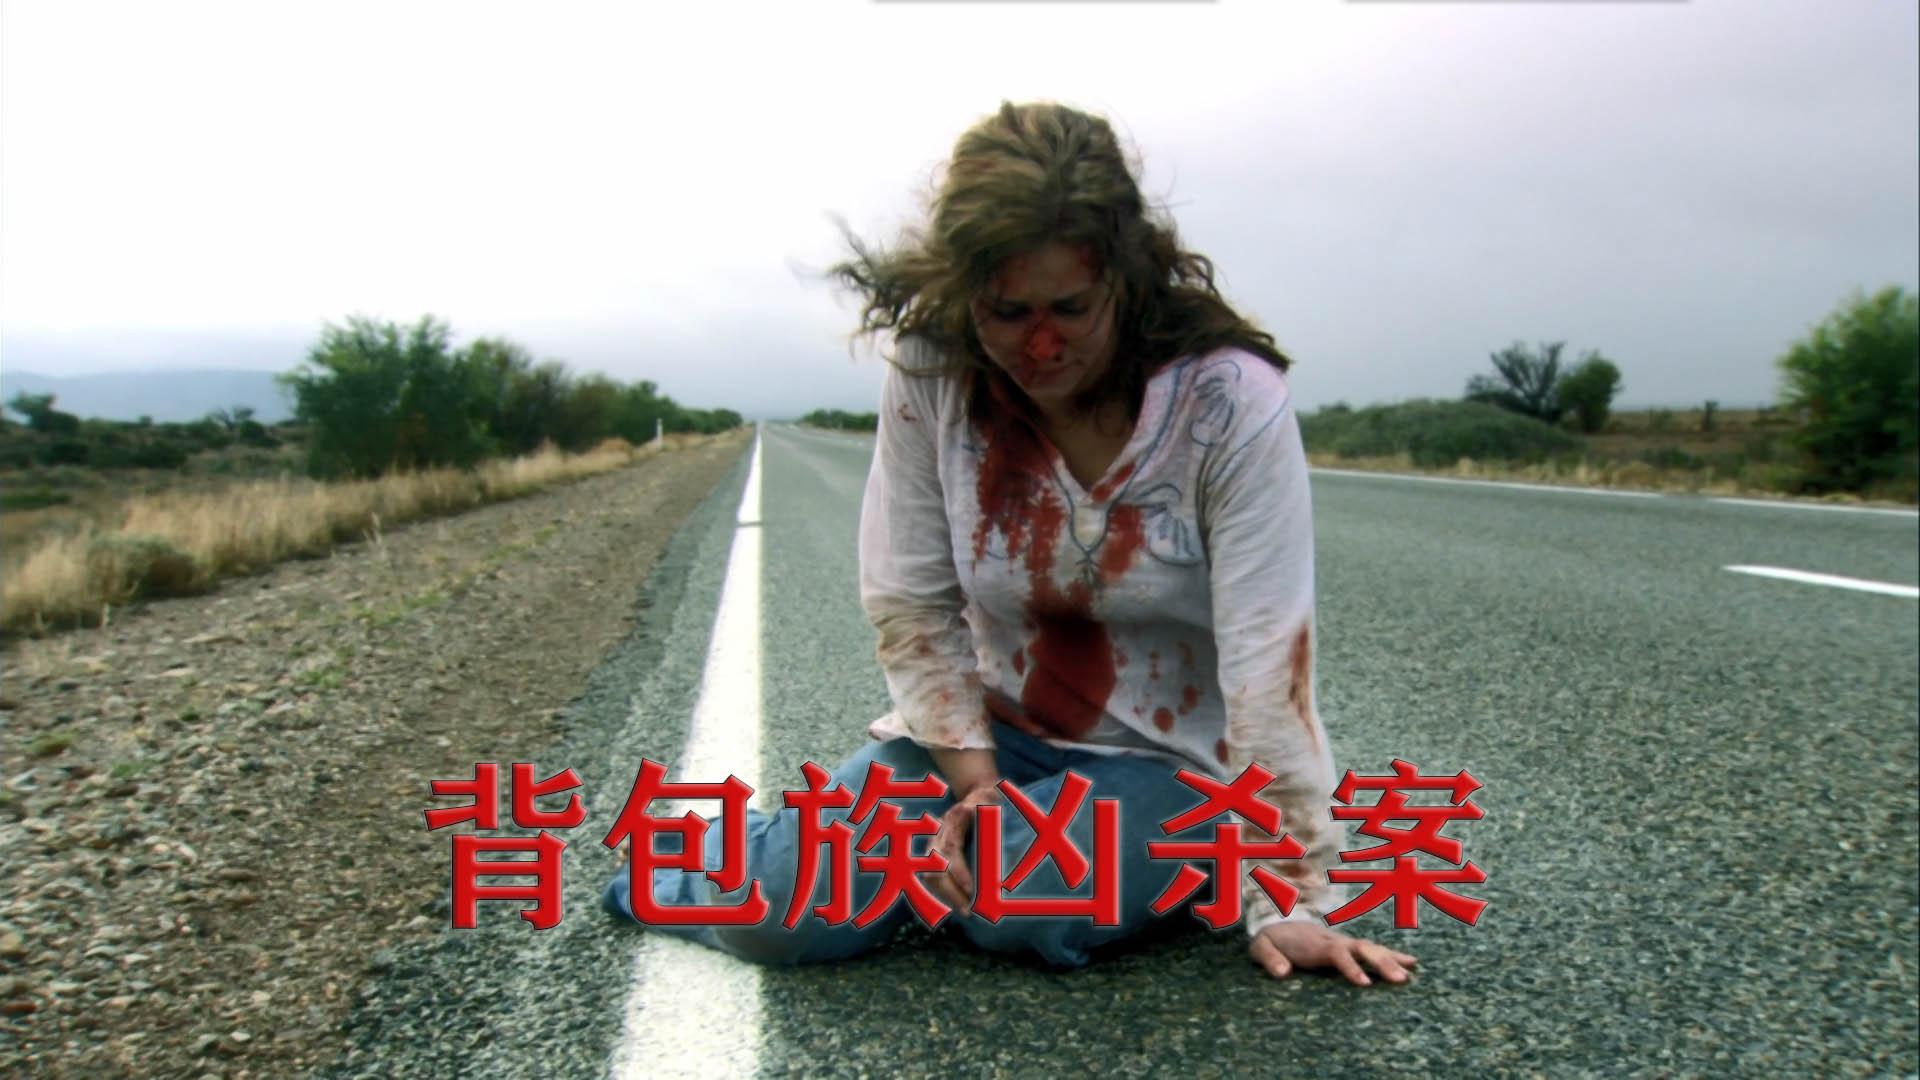 女孩穿越无人区旅行,遭遇变态杀人狂虐待,逃出后却更加绝望!